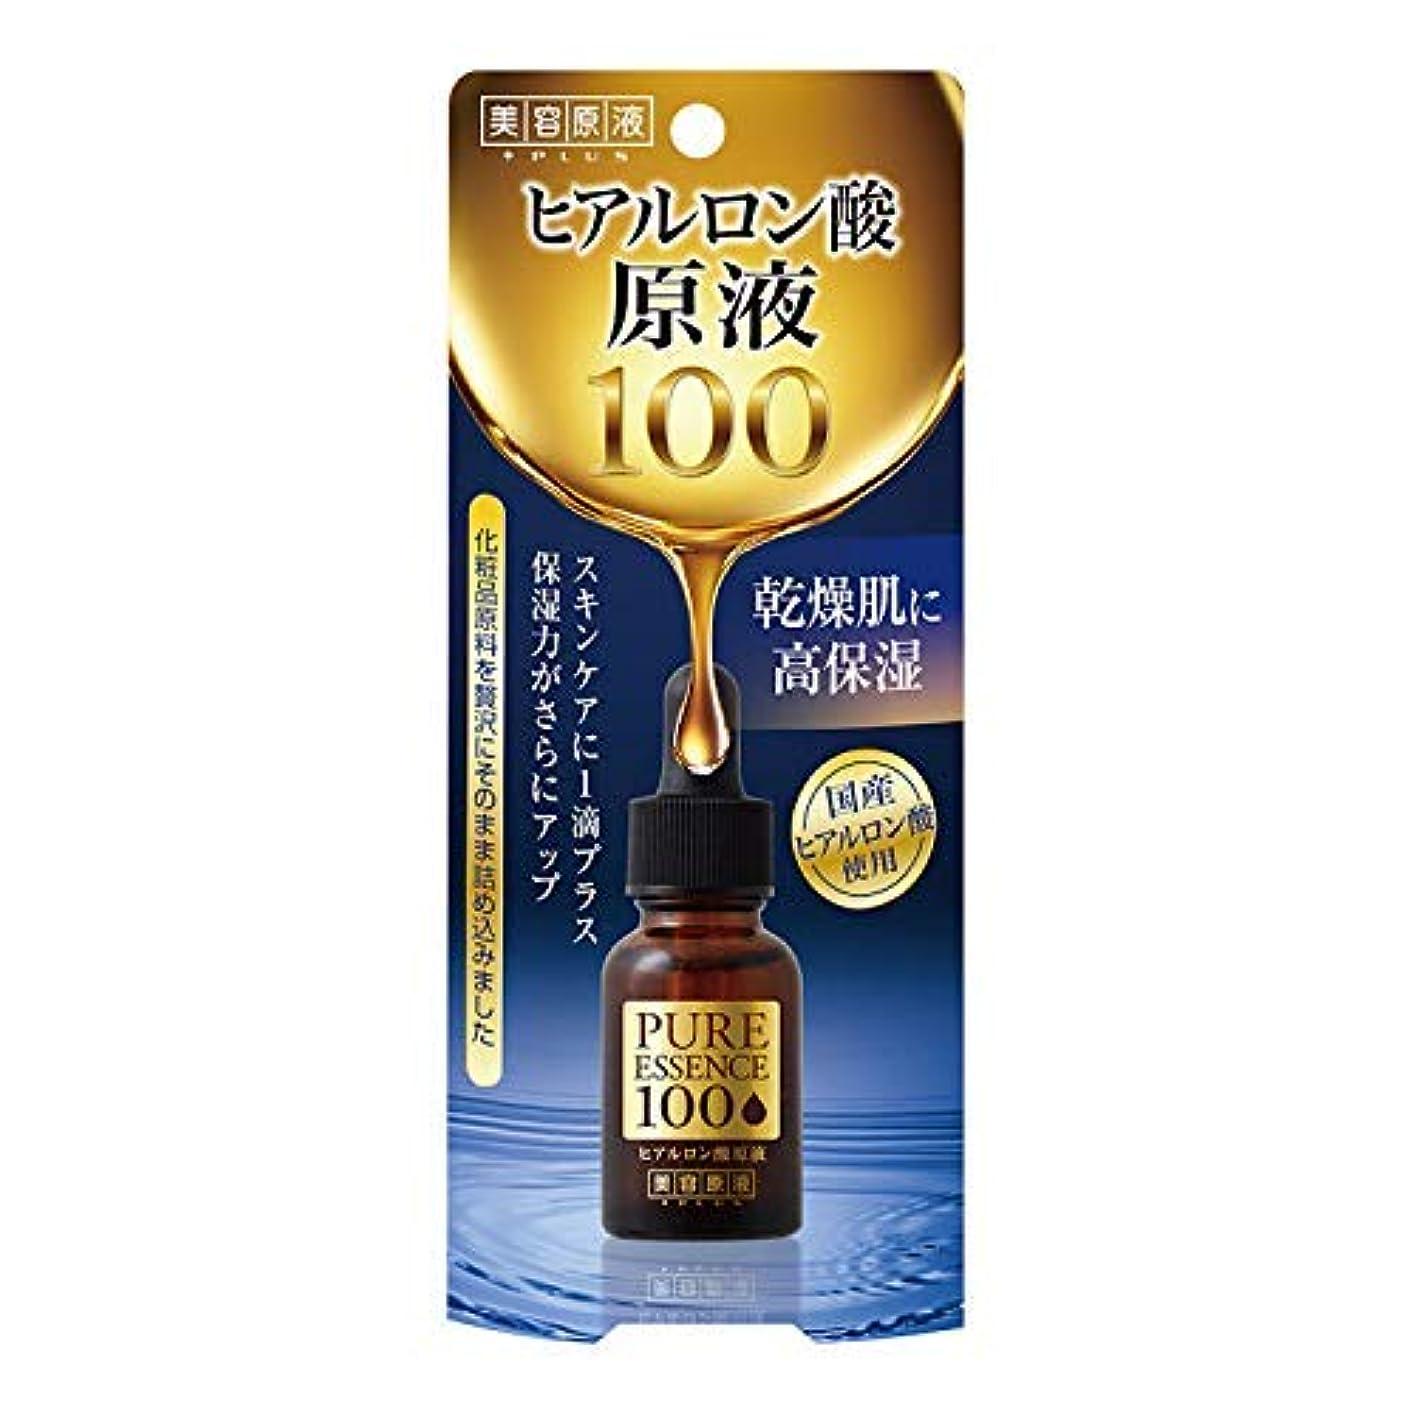 美容原液 ヒアルロン酸原液100N × 4個セット